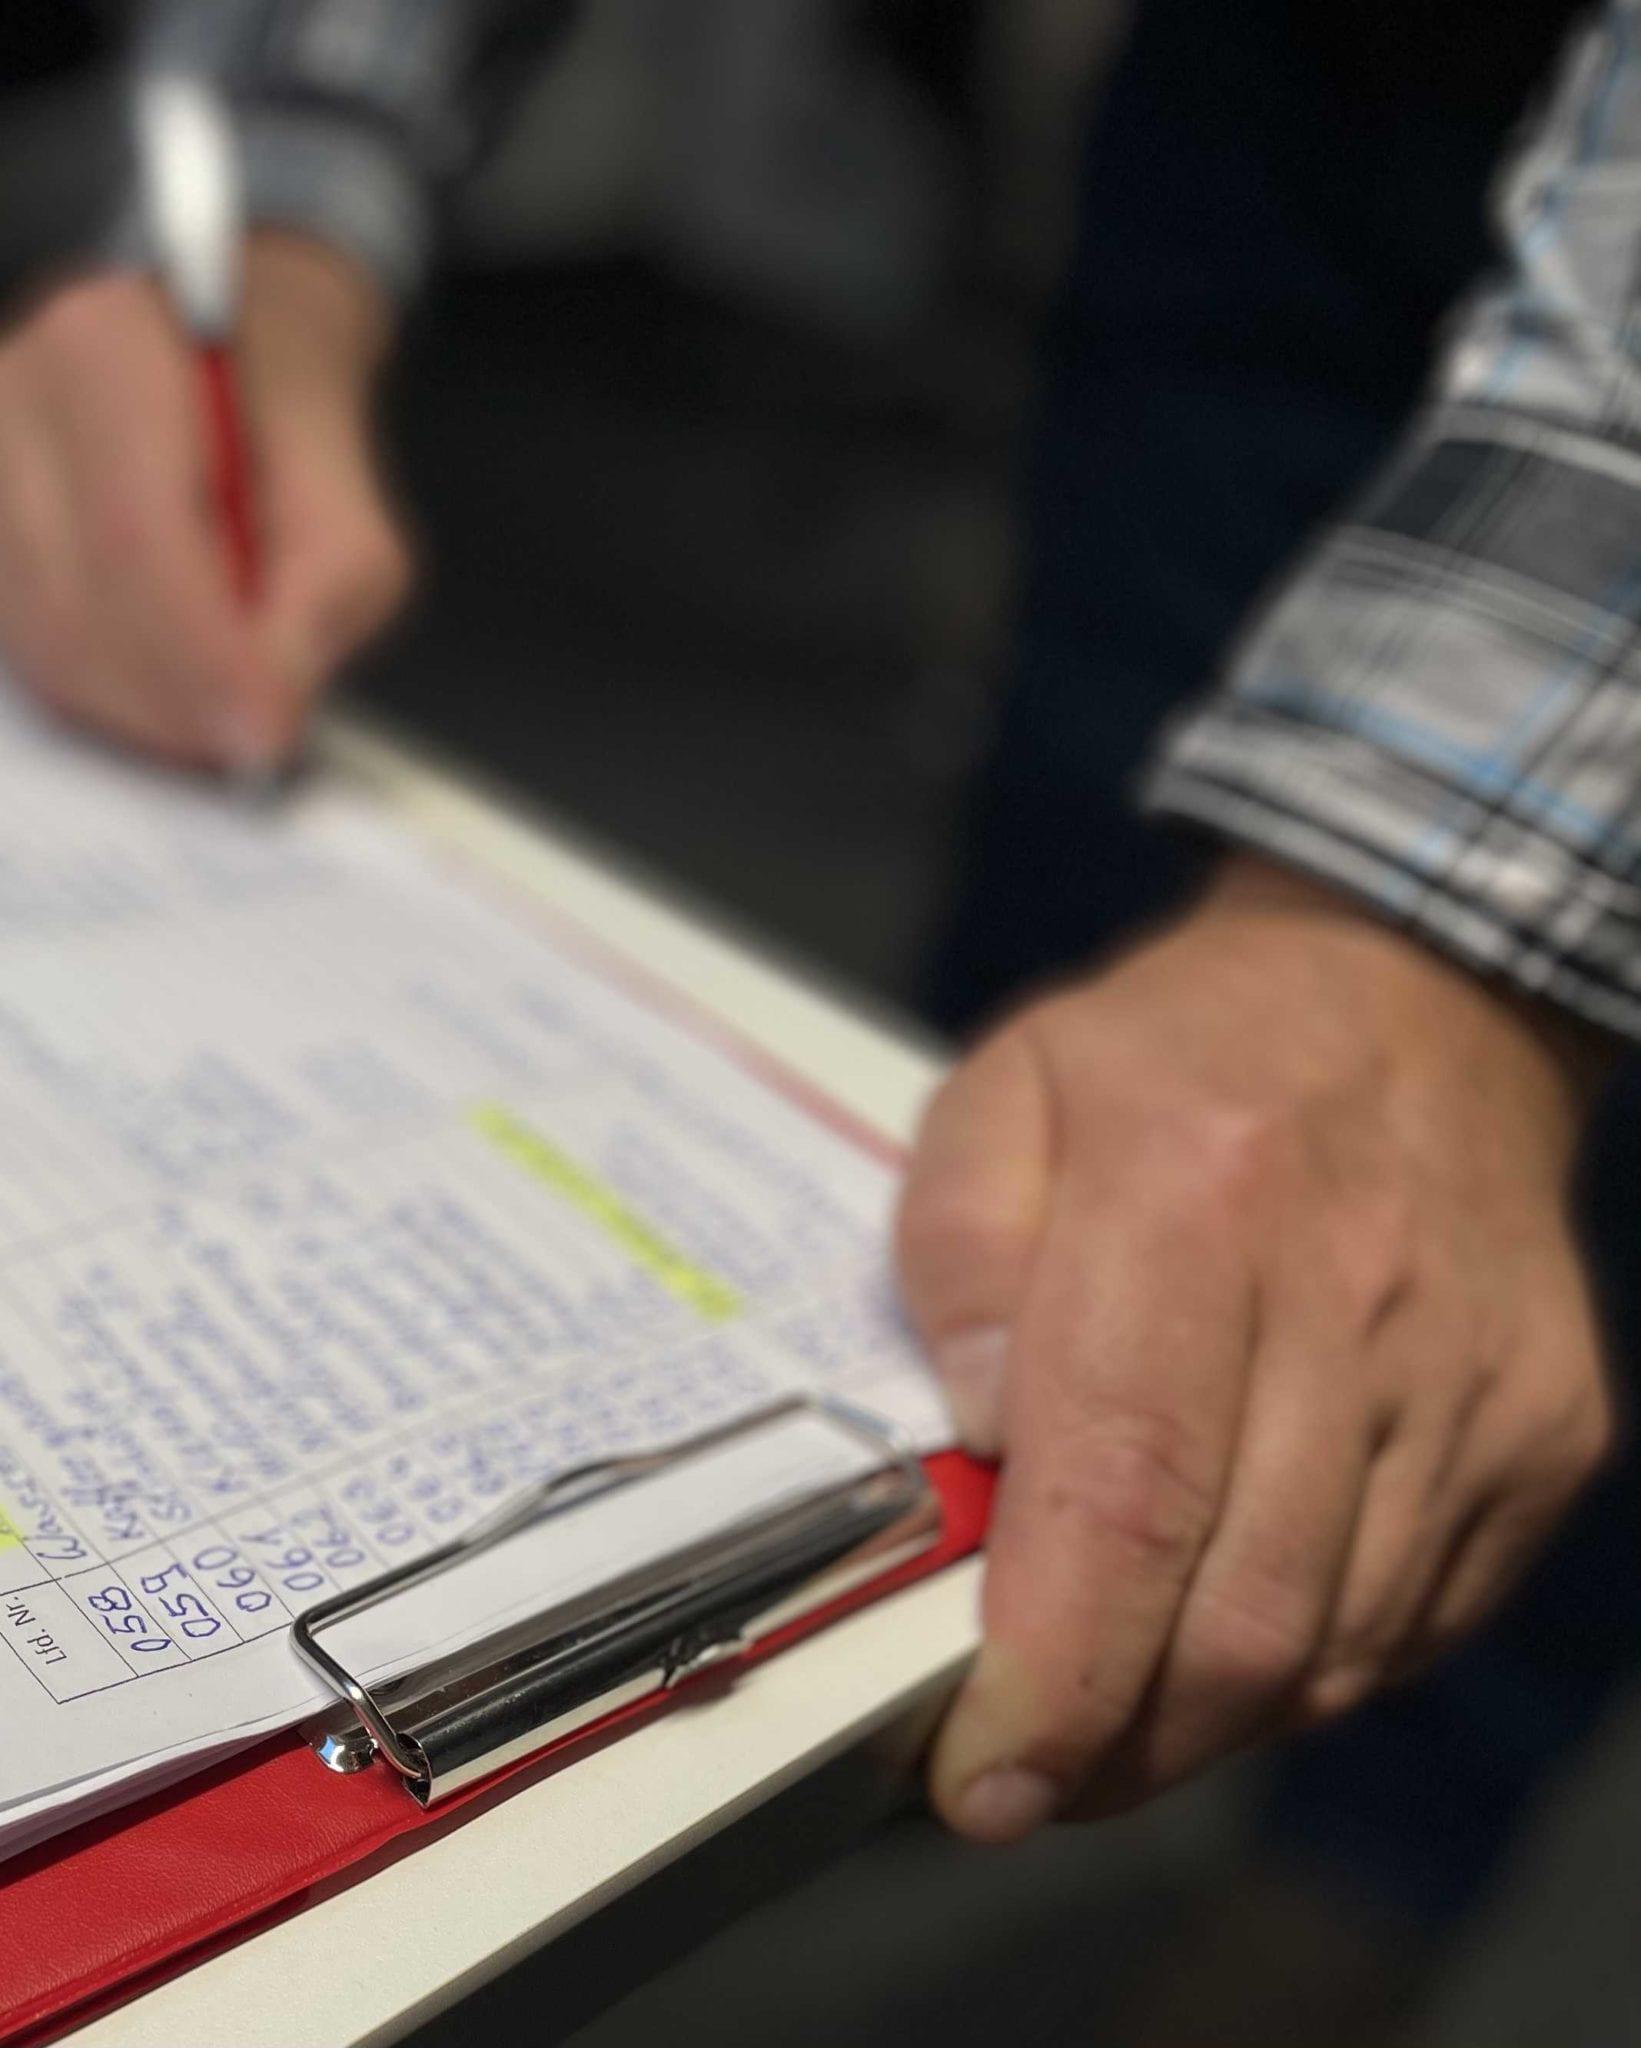 Jemand notiert Daten auf einem Blatt Papier.